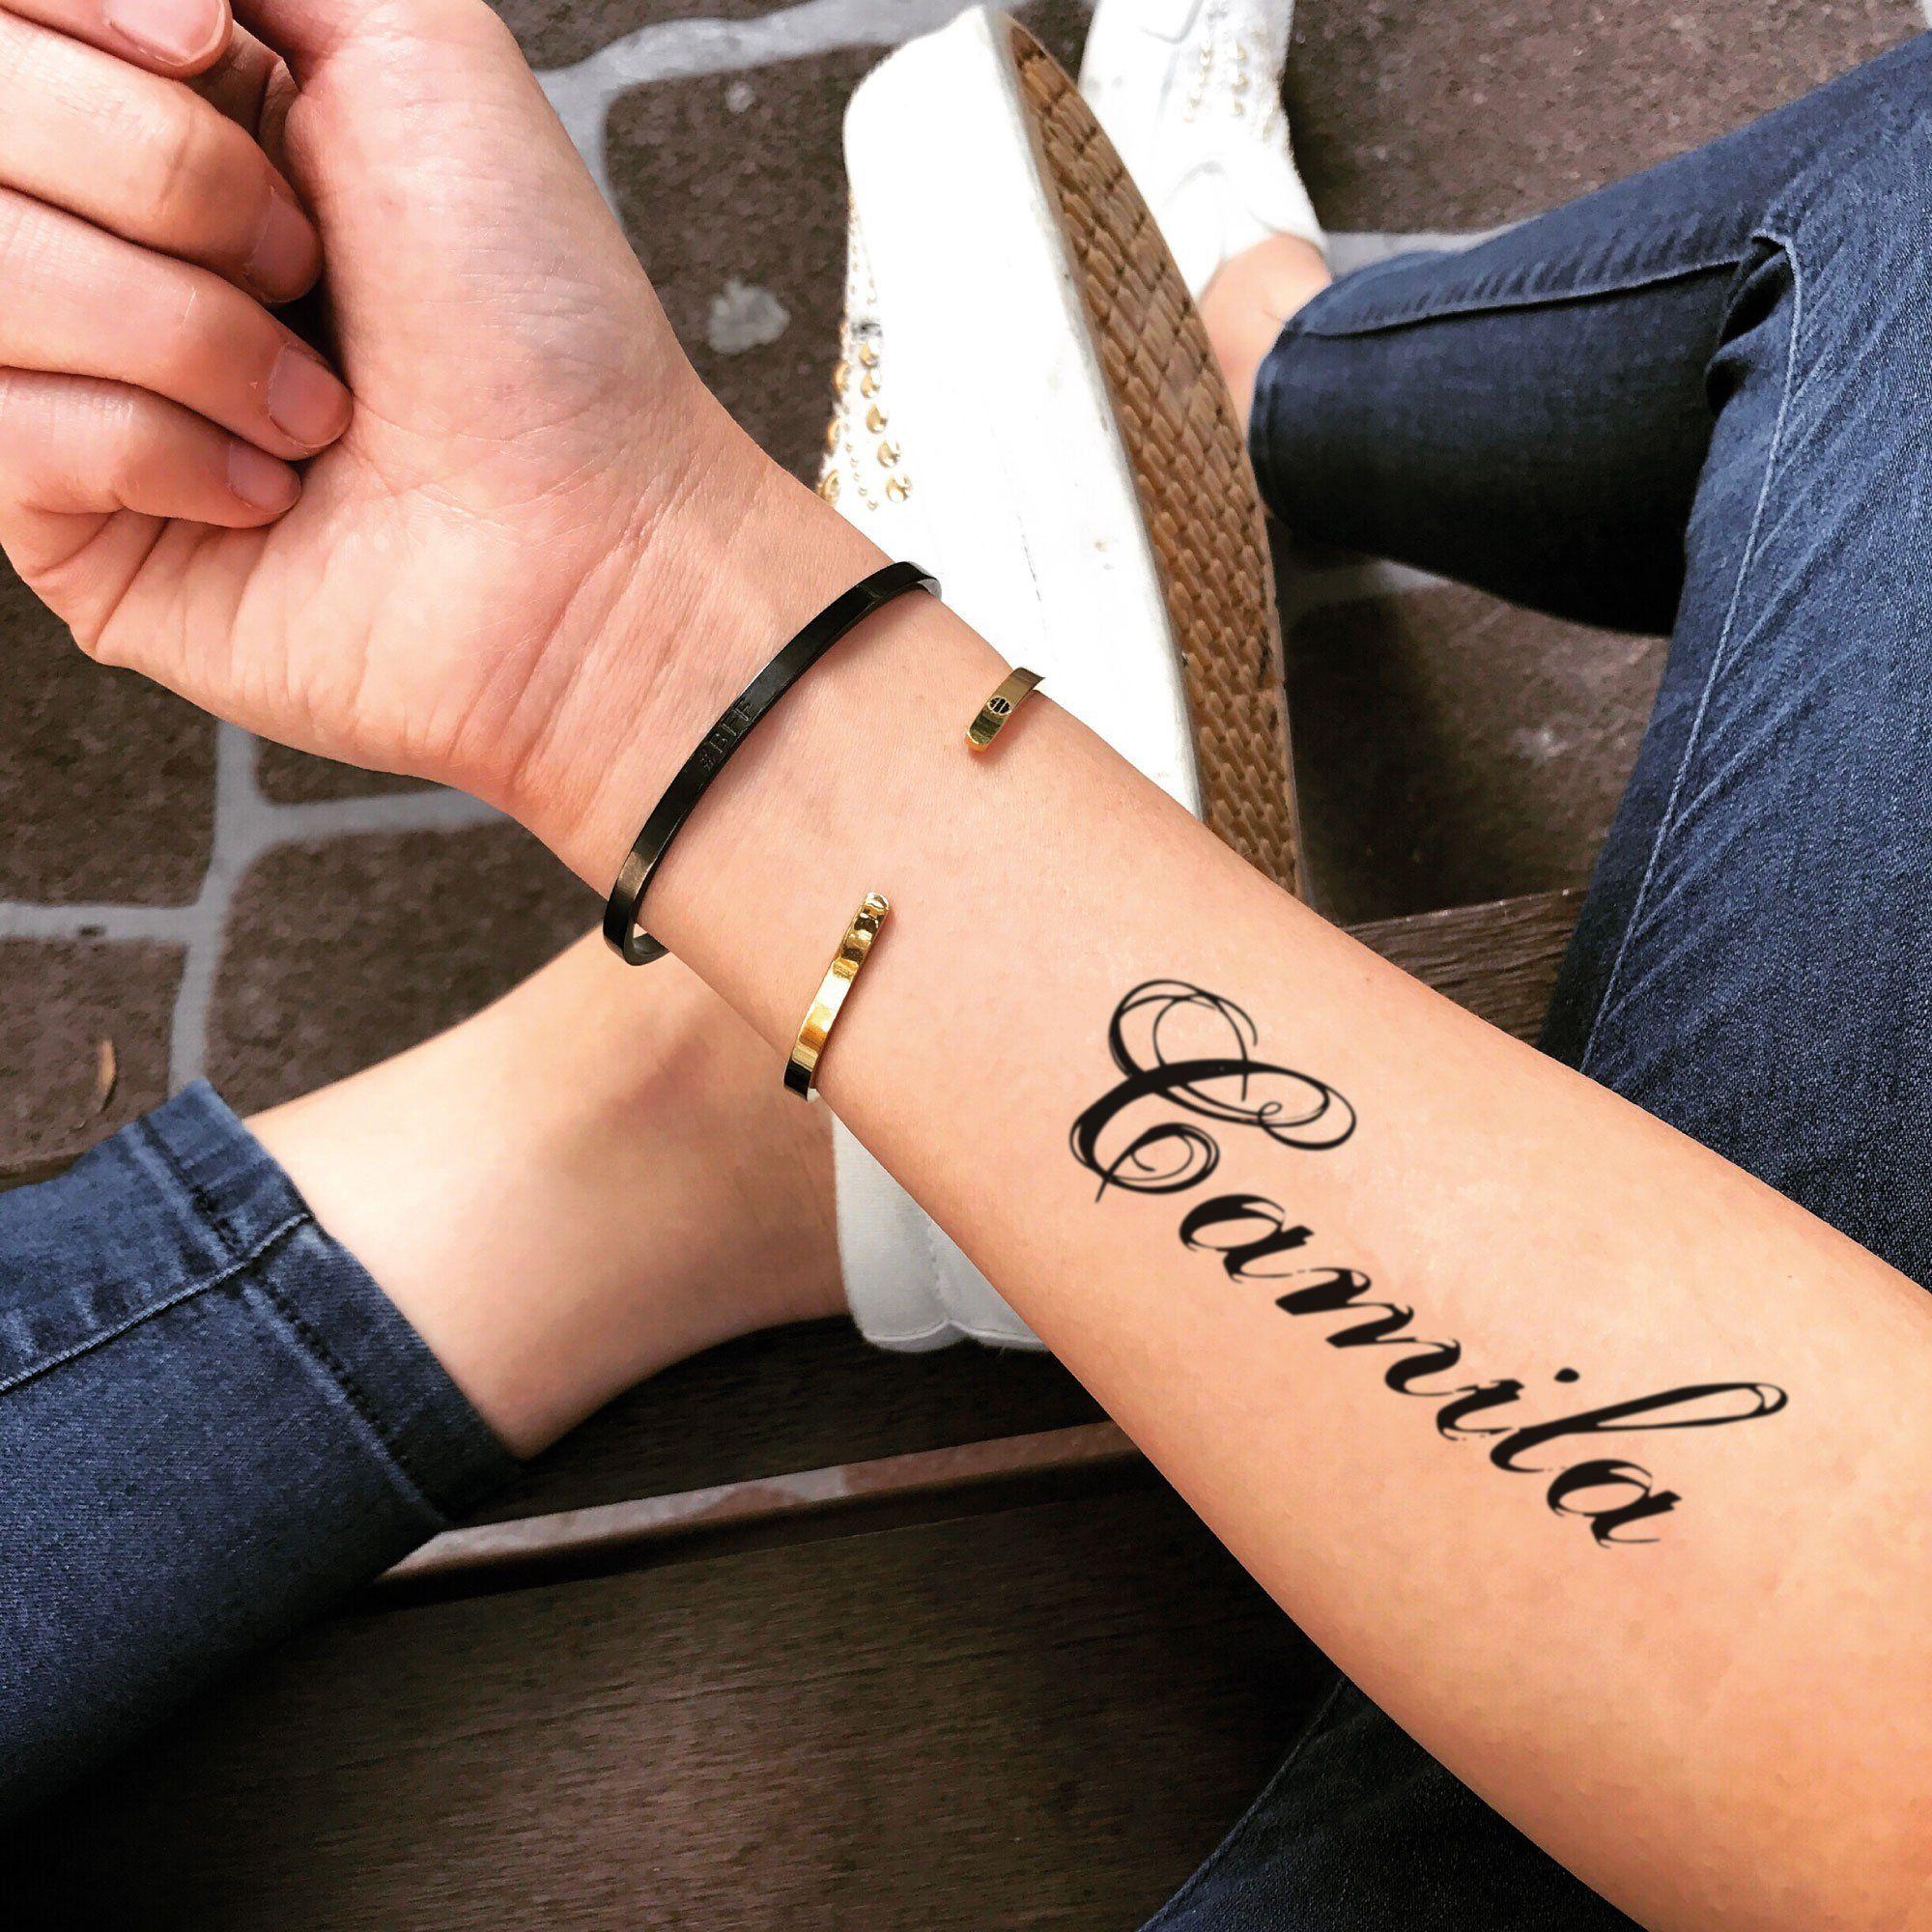 Camila Name Temporary Tattoo Sticker Set Of 2 Tatuajes De Nombres Tatuaje De Notas Tatuaje De Nombre